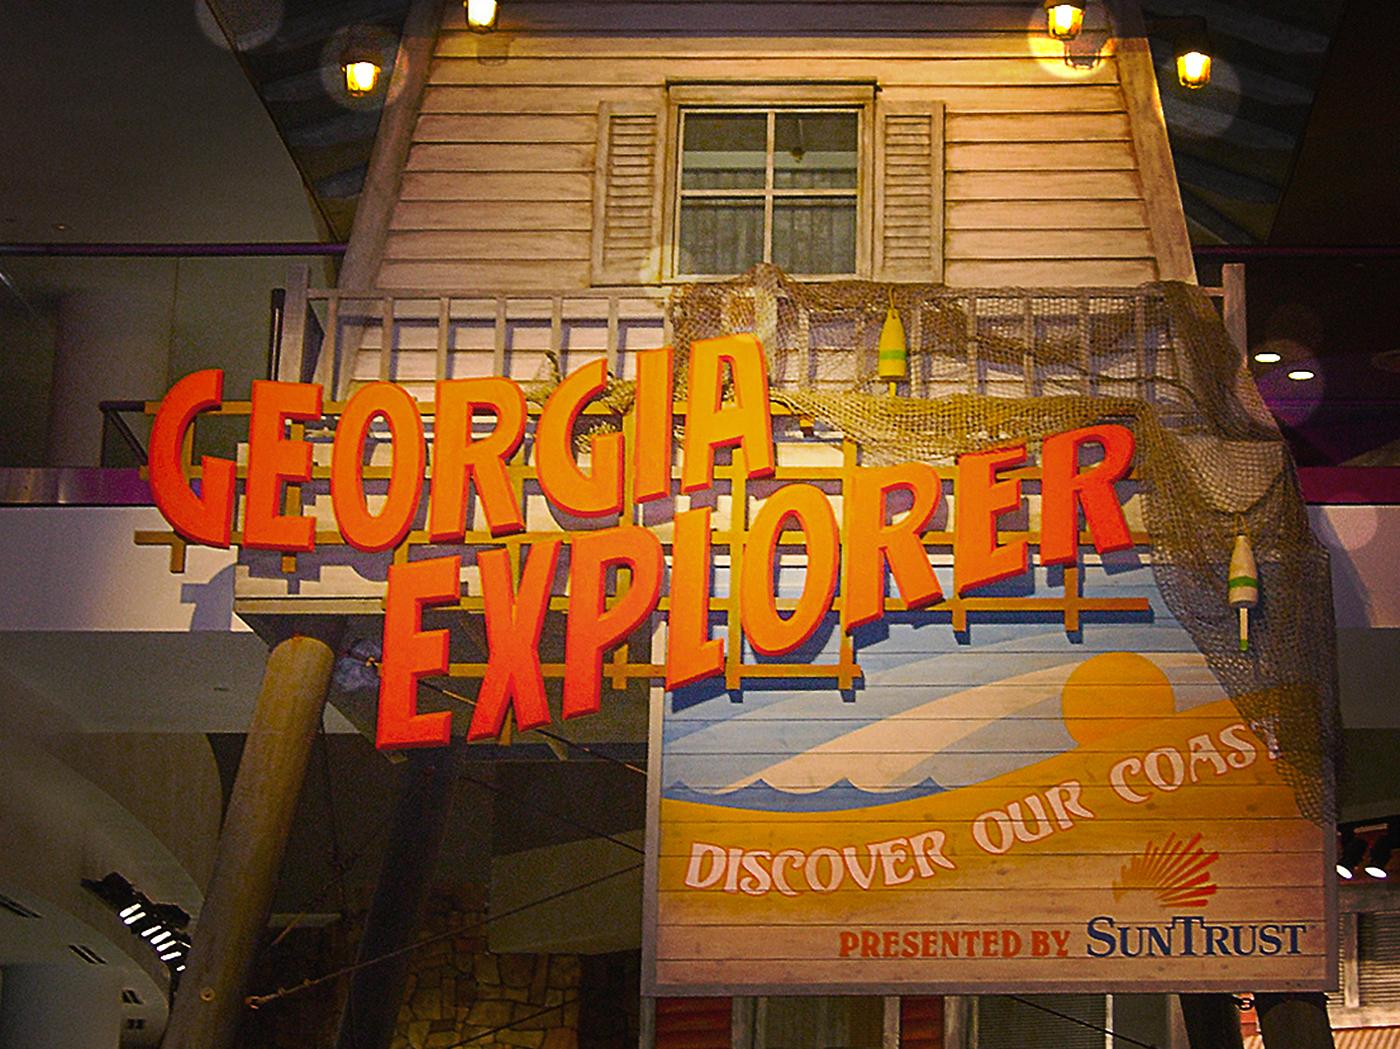 special events-georgia explorer 1.jpg